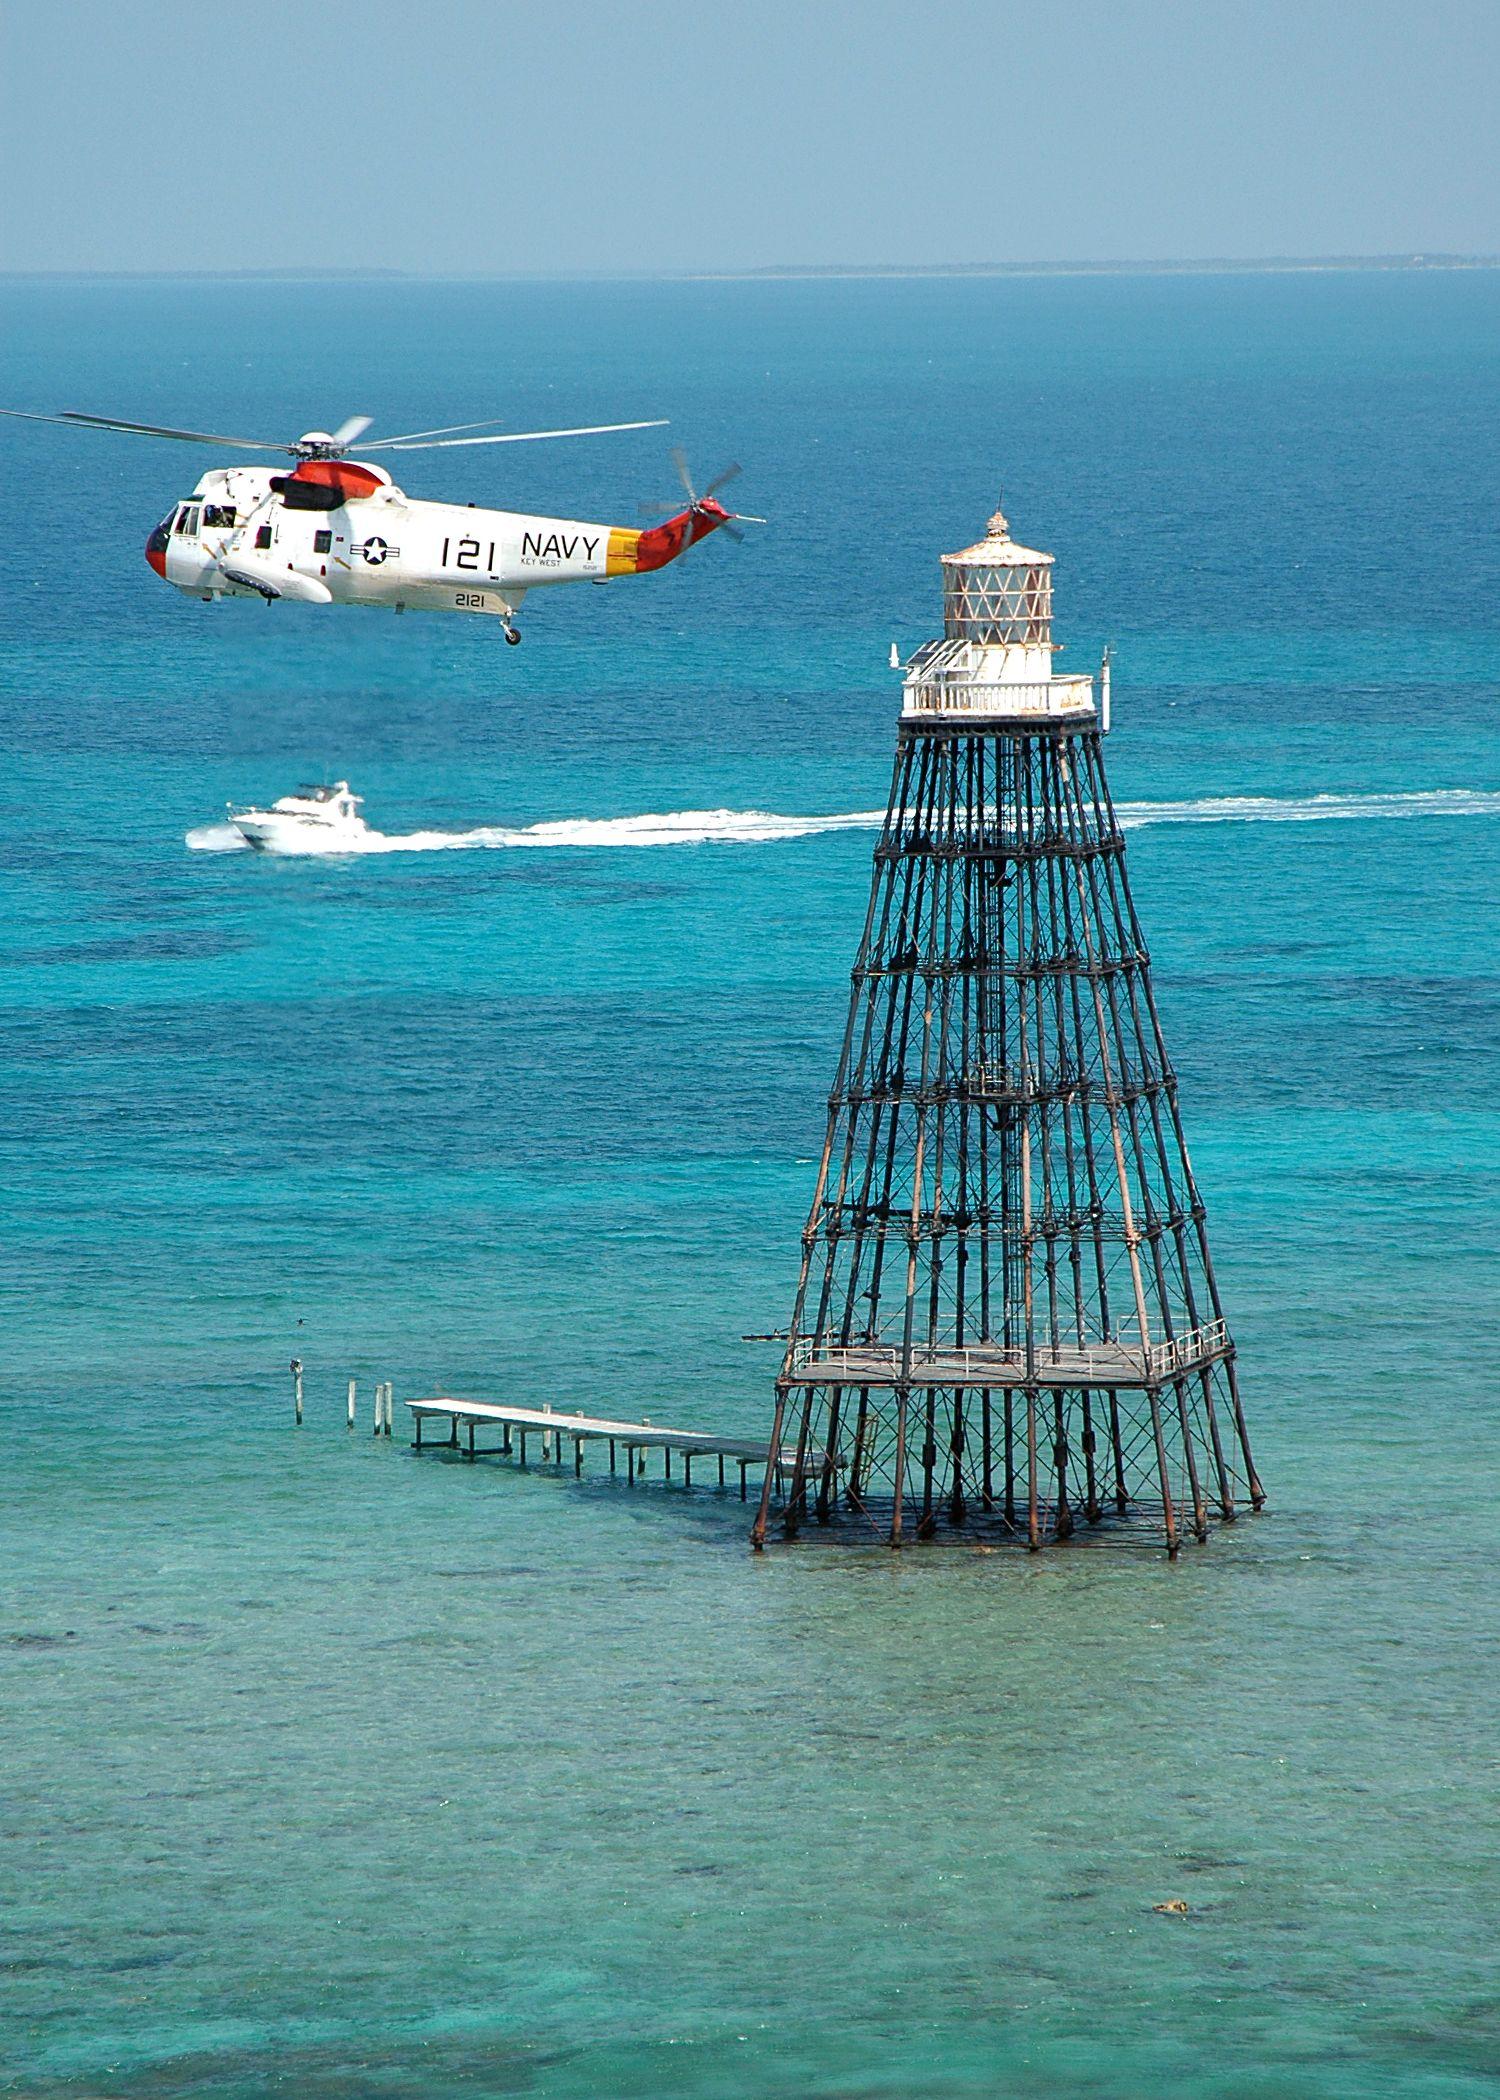 Sand Key Light - Location southwest of Key West, Florida